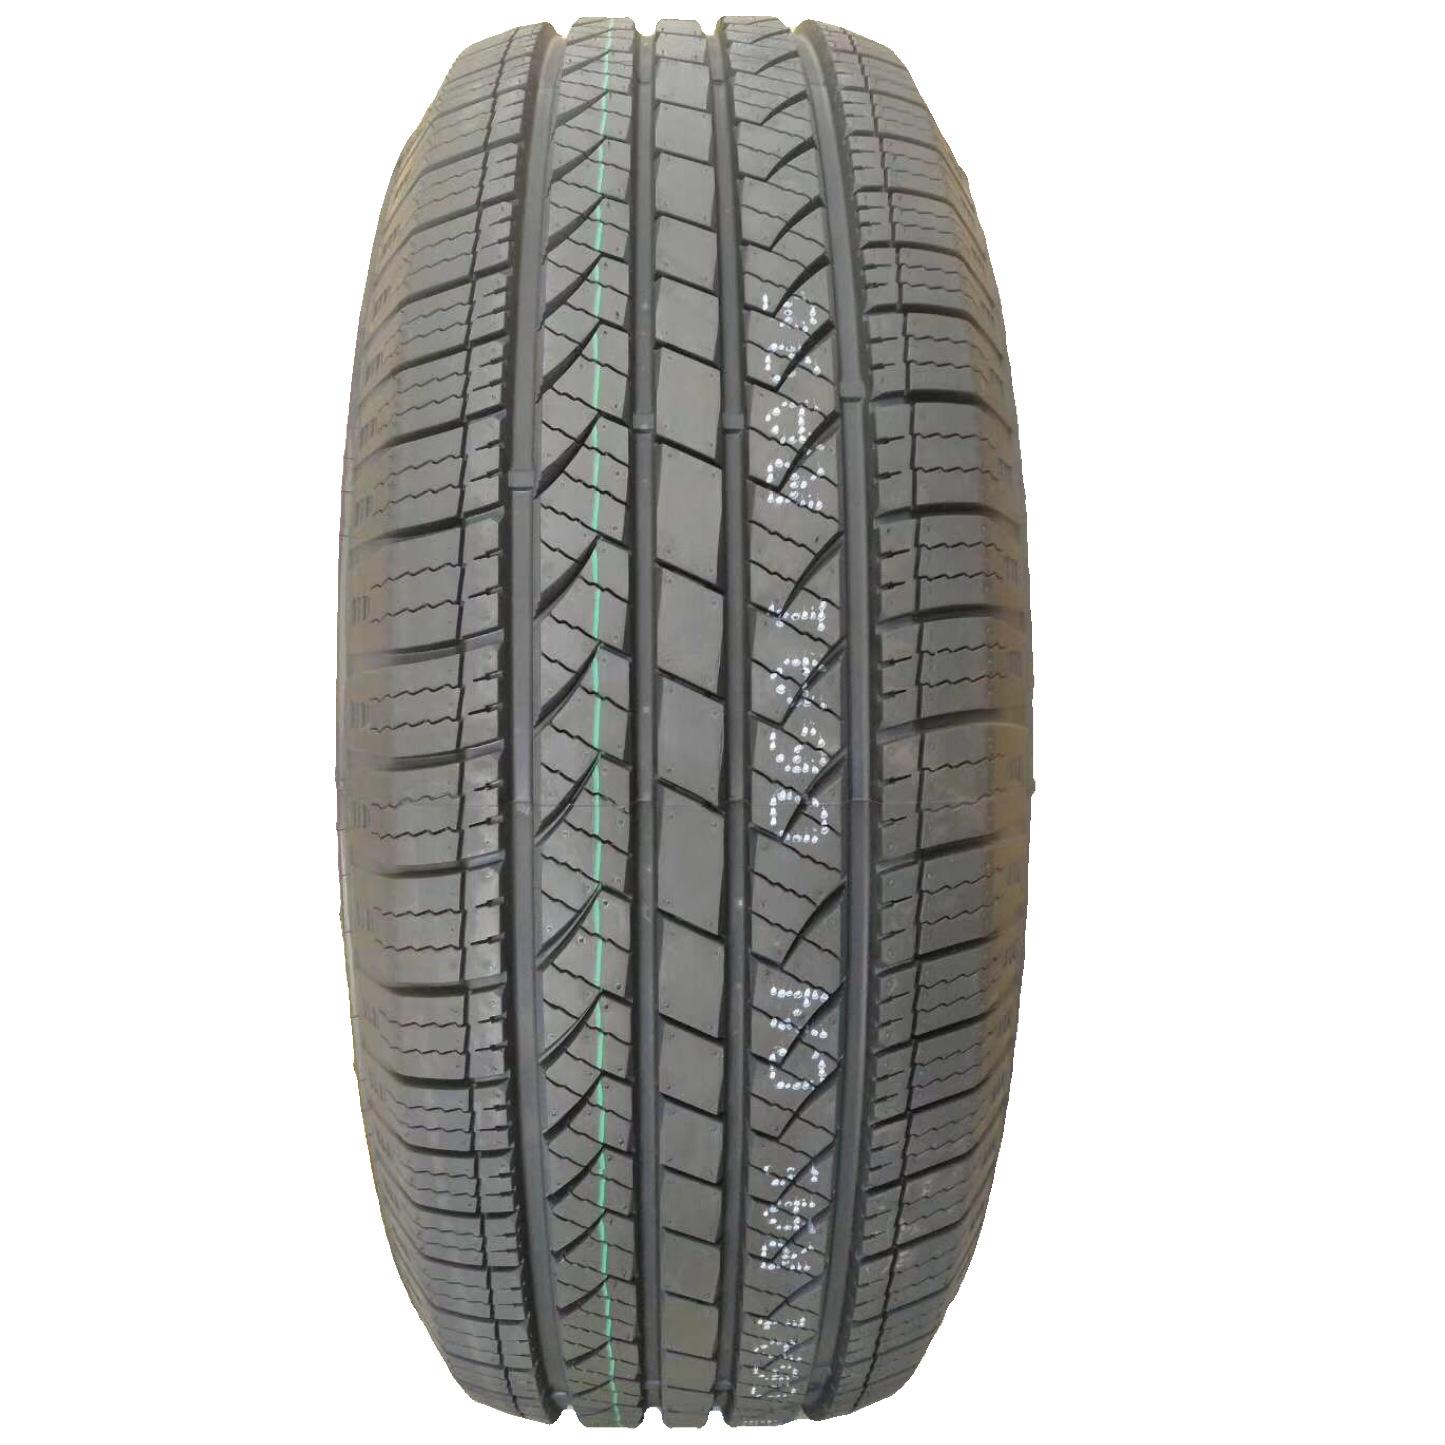 KANGPEISEN Cao su(lốp xe tải) Các nhà sản xuất bán lốp SUV yên tĩnh và thoải mái lốp 17 inch như xe